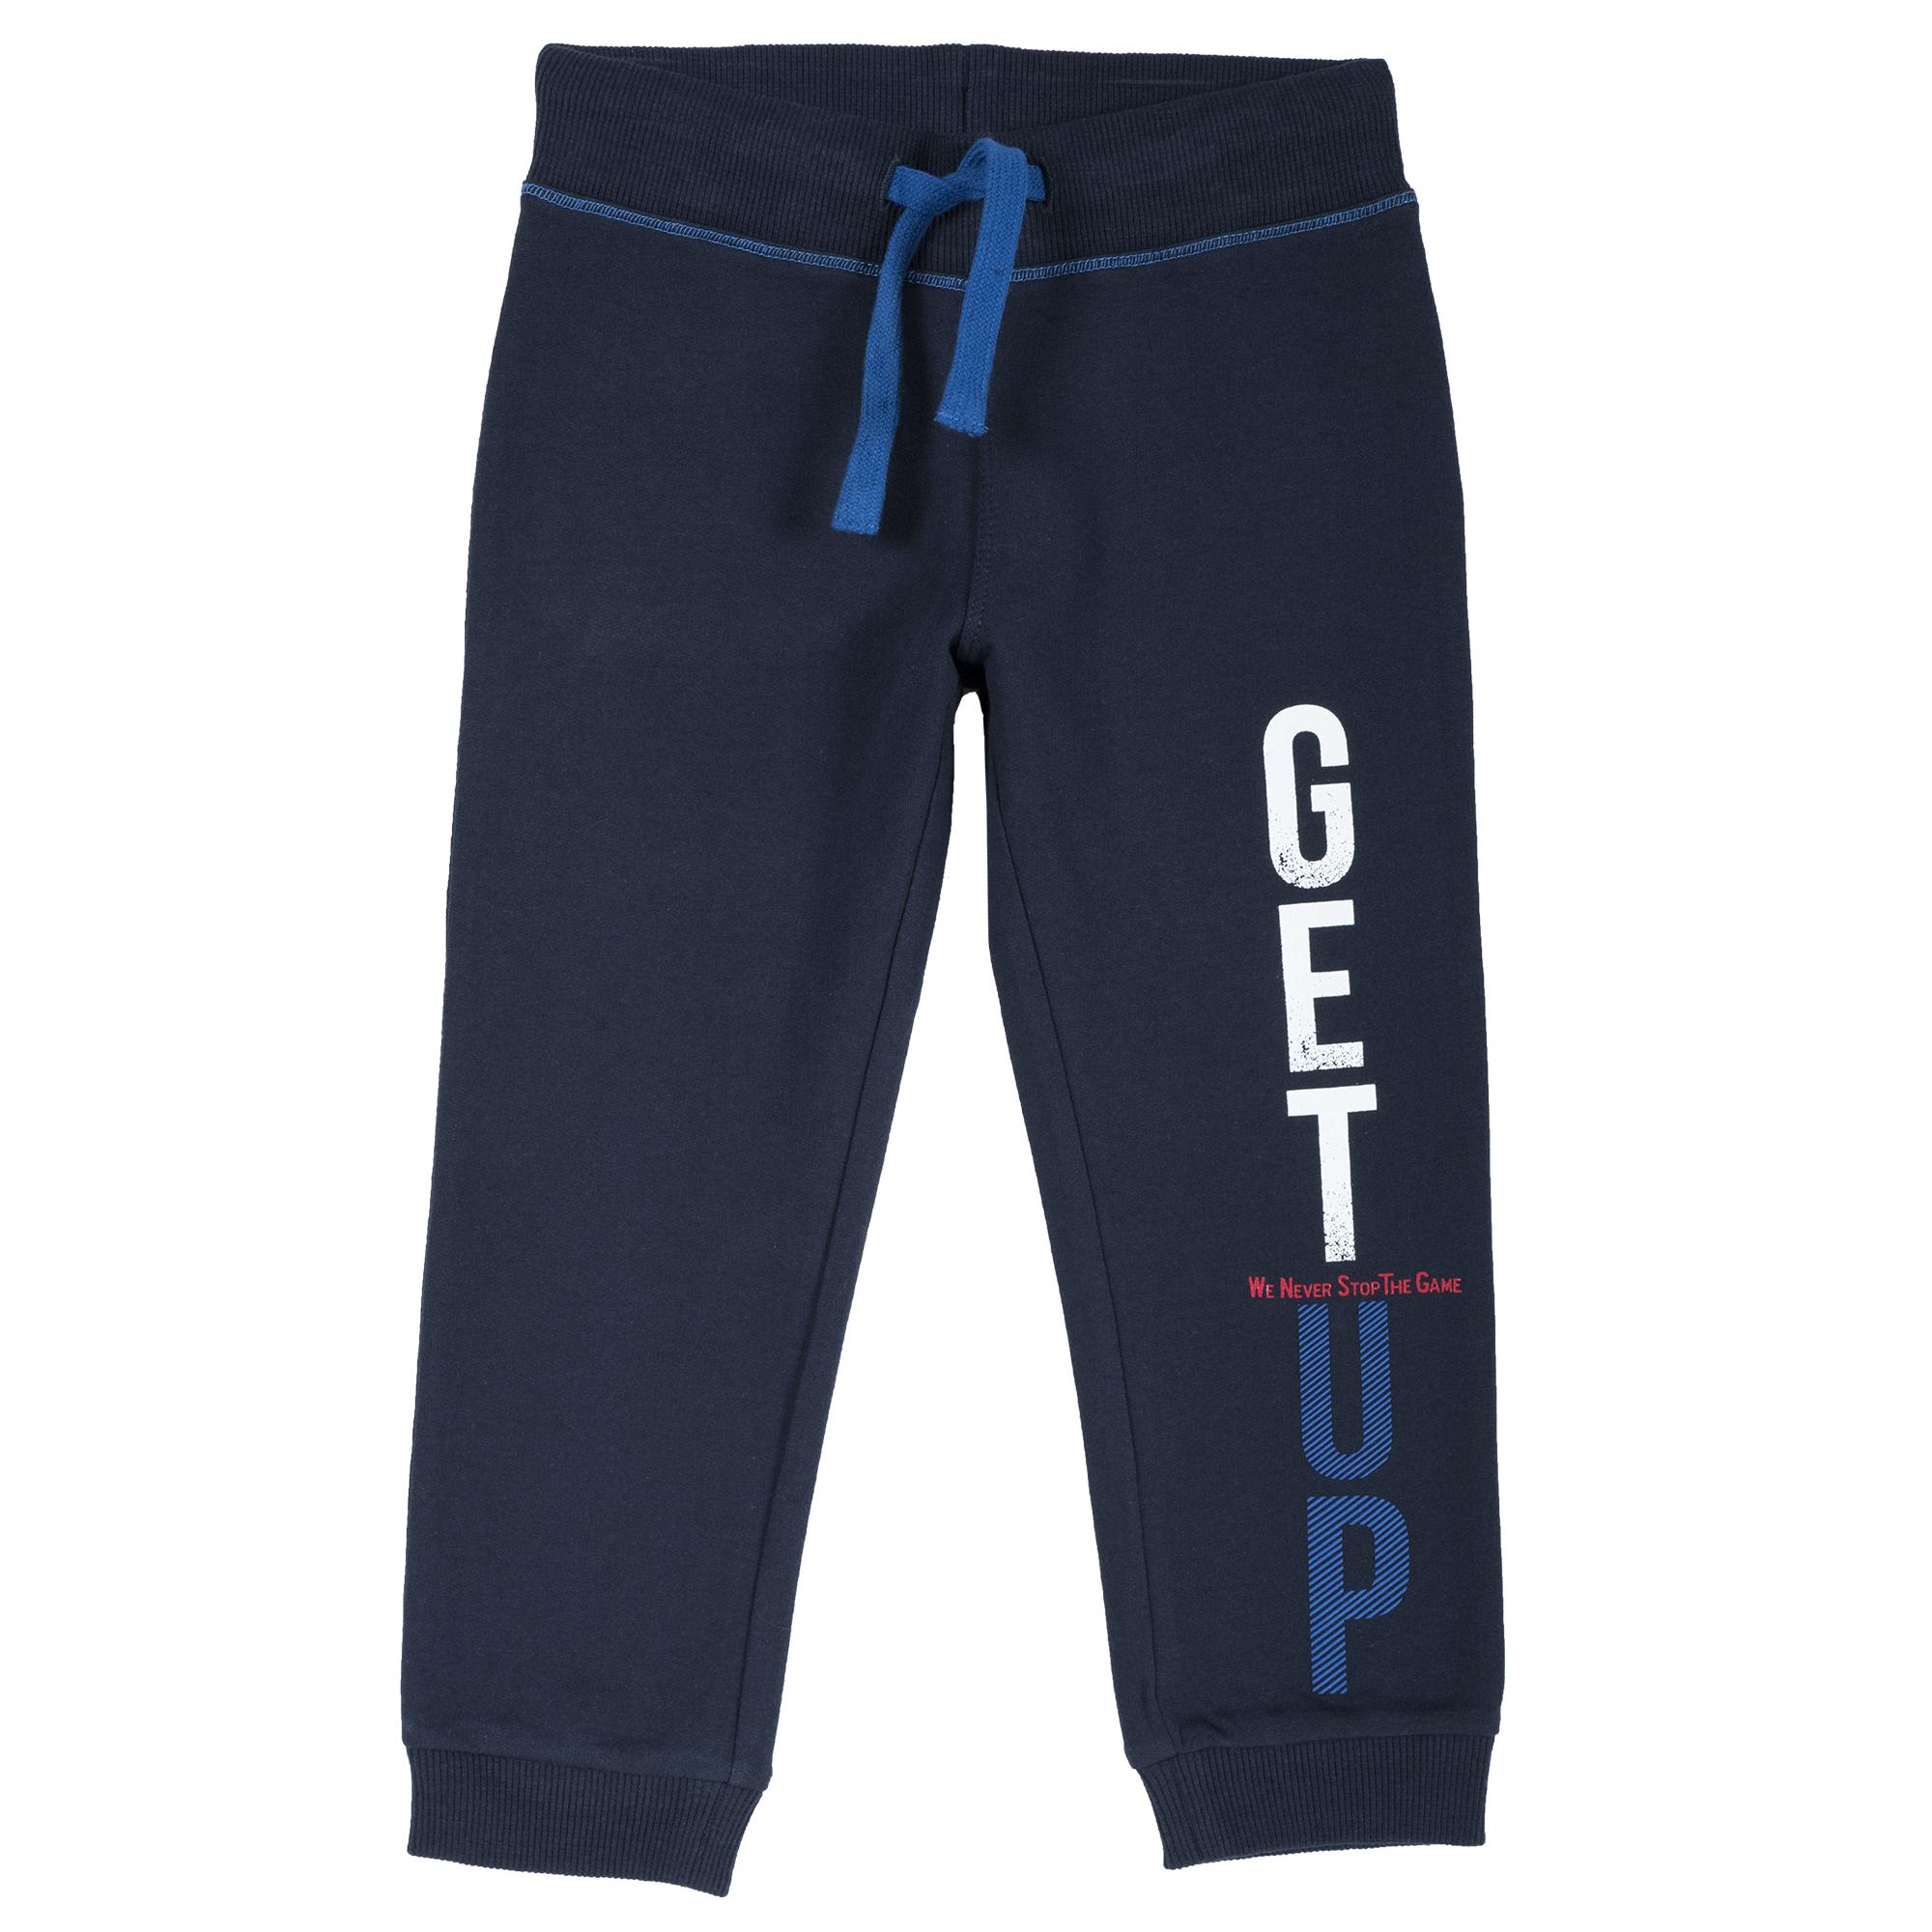 Pantalon trening copii, mansete elastice, albastru inchis, 24919 din categoria Pantaloni copii